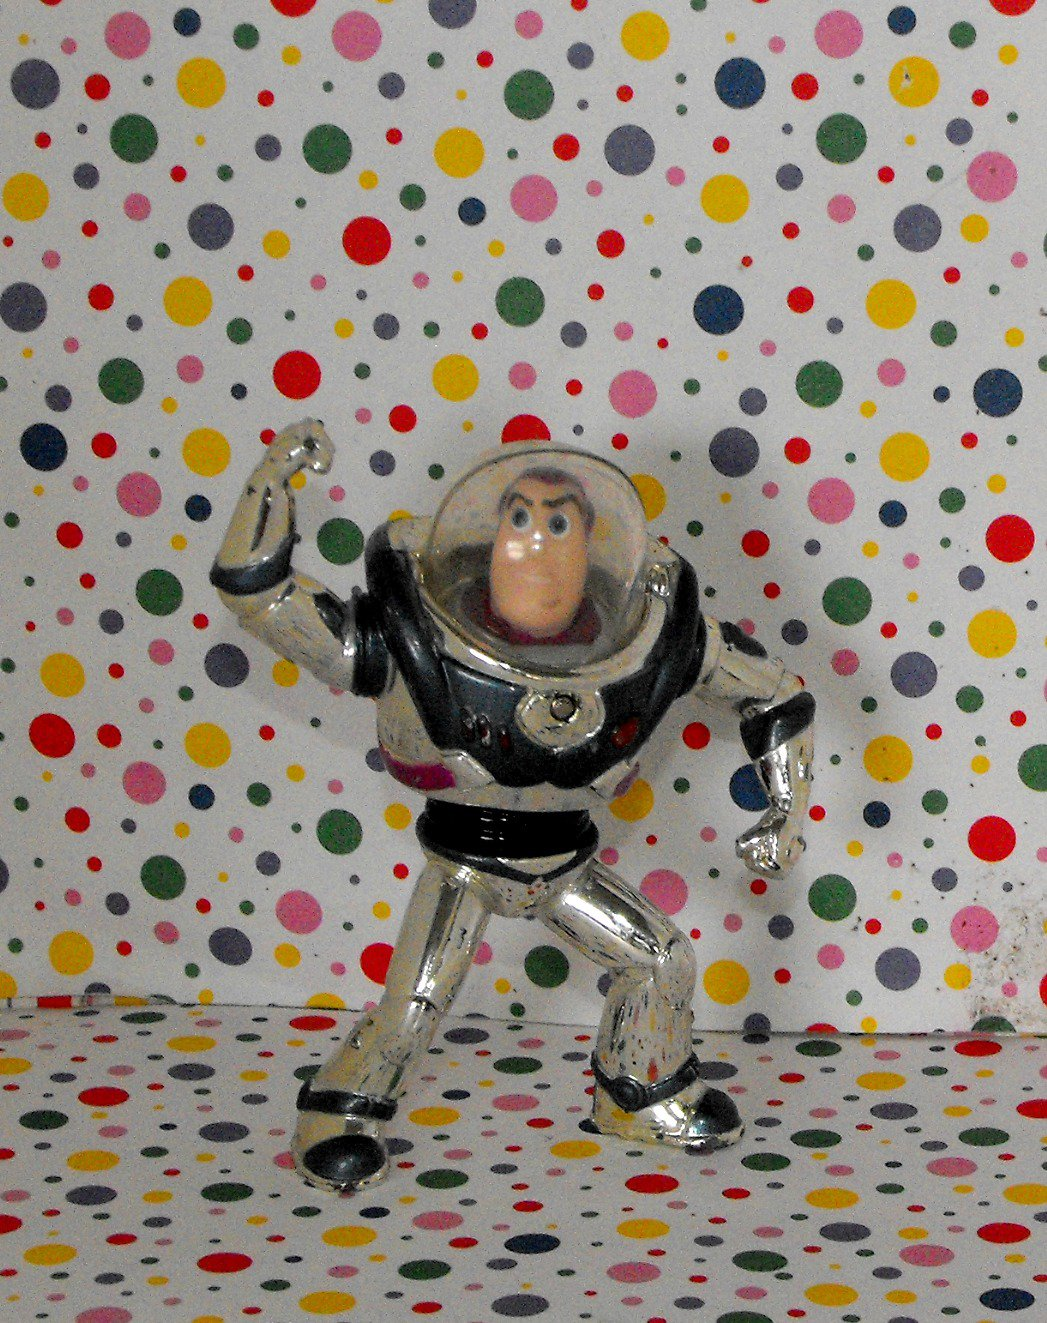 Disney's Toy Story 2 Buzz Lightyear Buzz In Space Figure